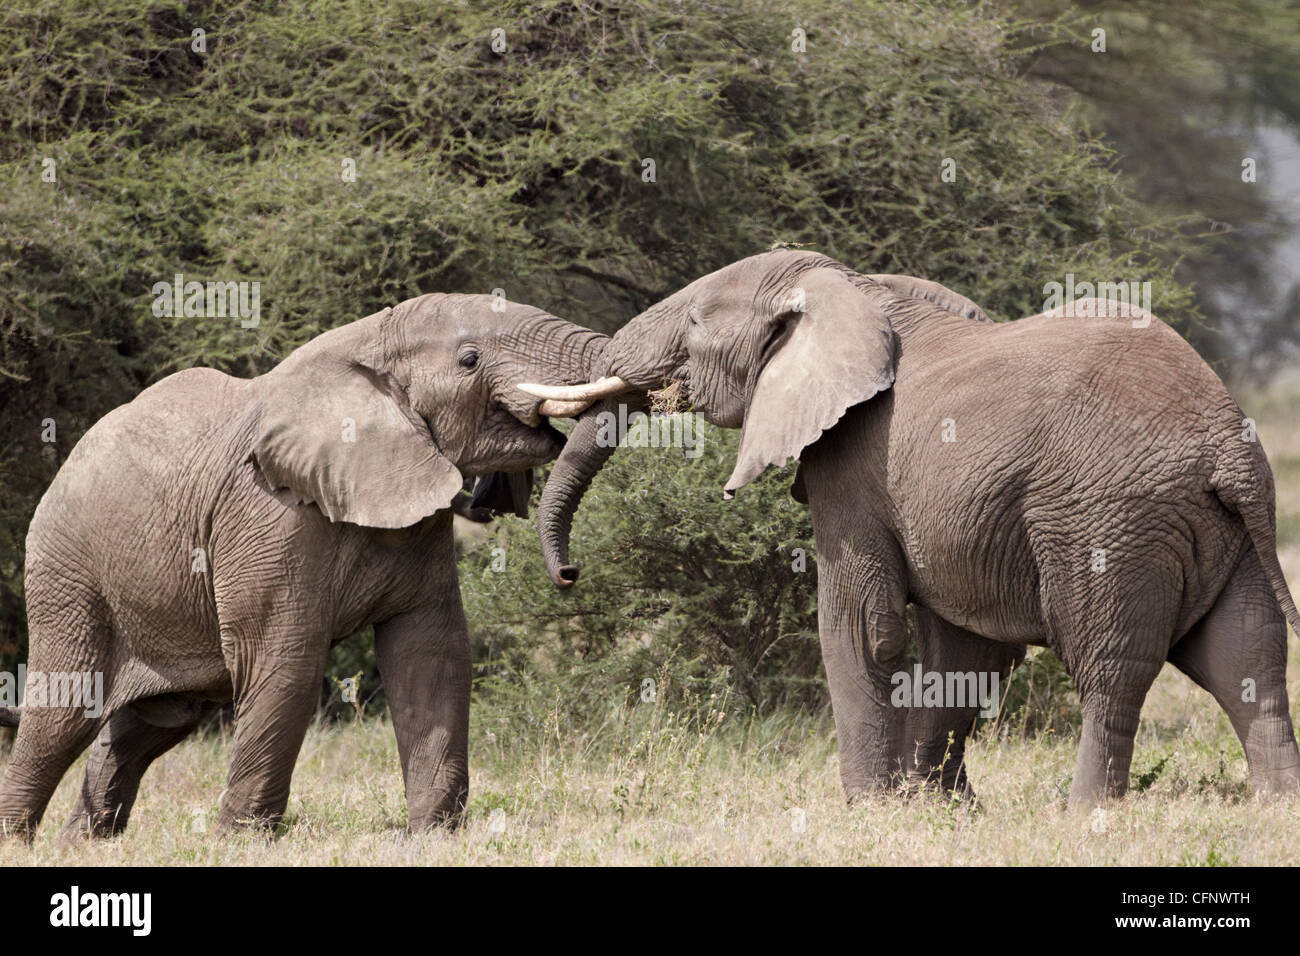 Dos elefante africano (Loxodonta africana), sparring, Parque Nacional del Serengeti, Tanzania, África oriental, Foto de stock